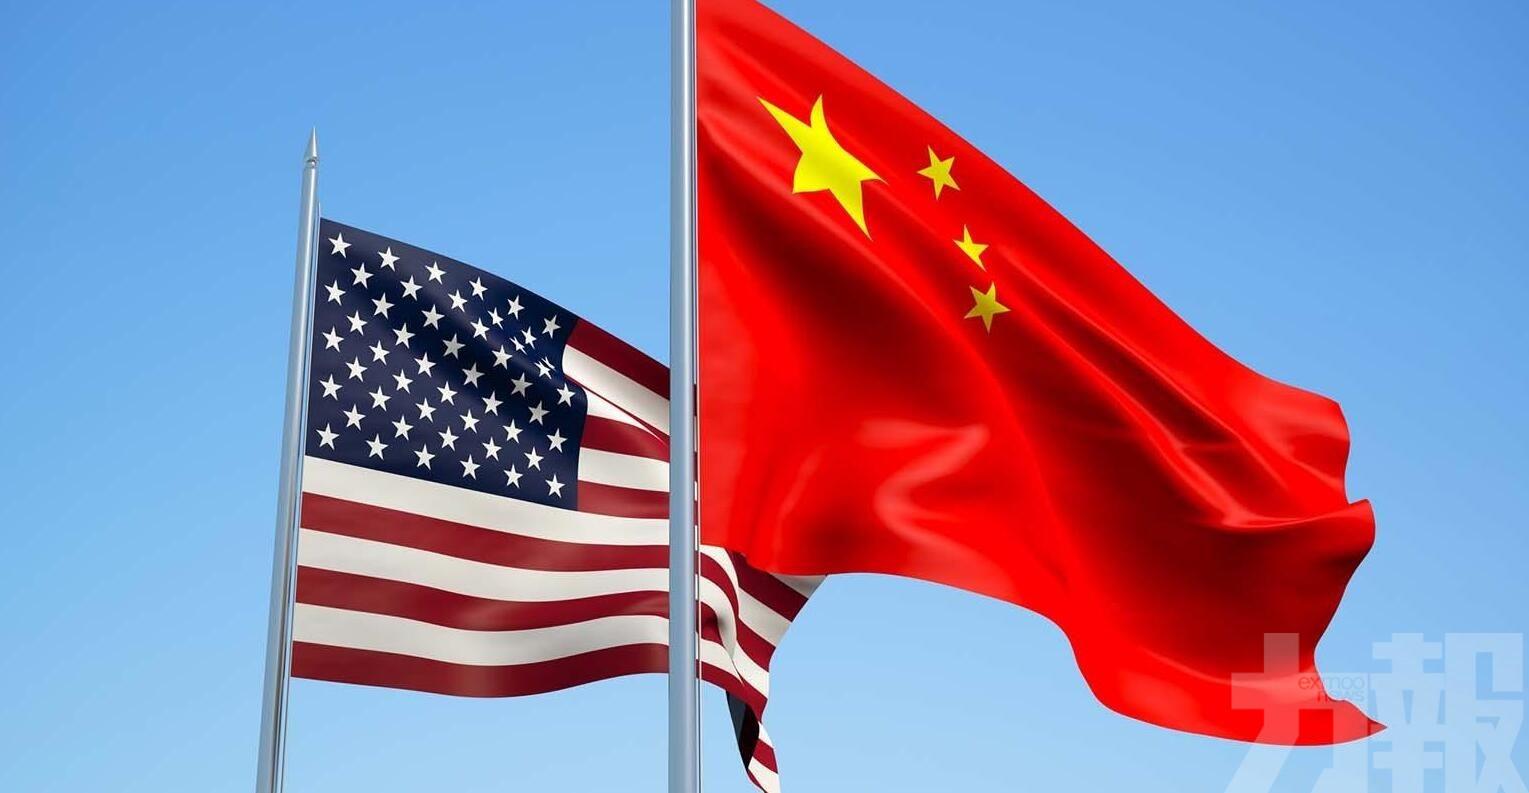 美國必須修復與中國的關係